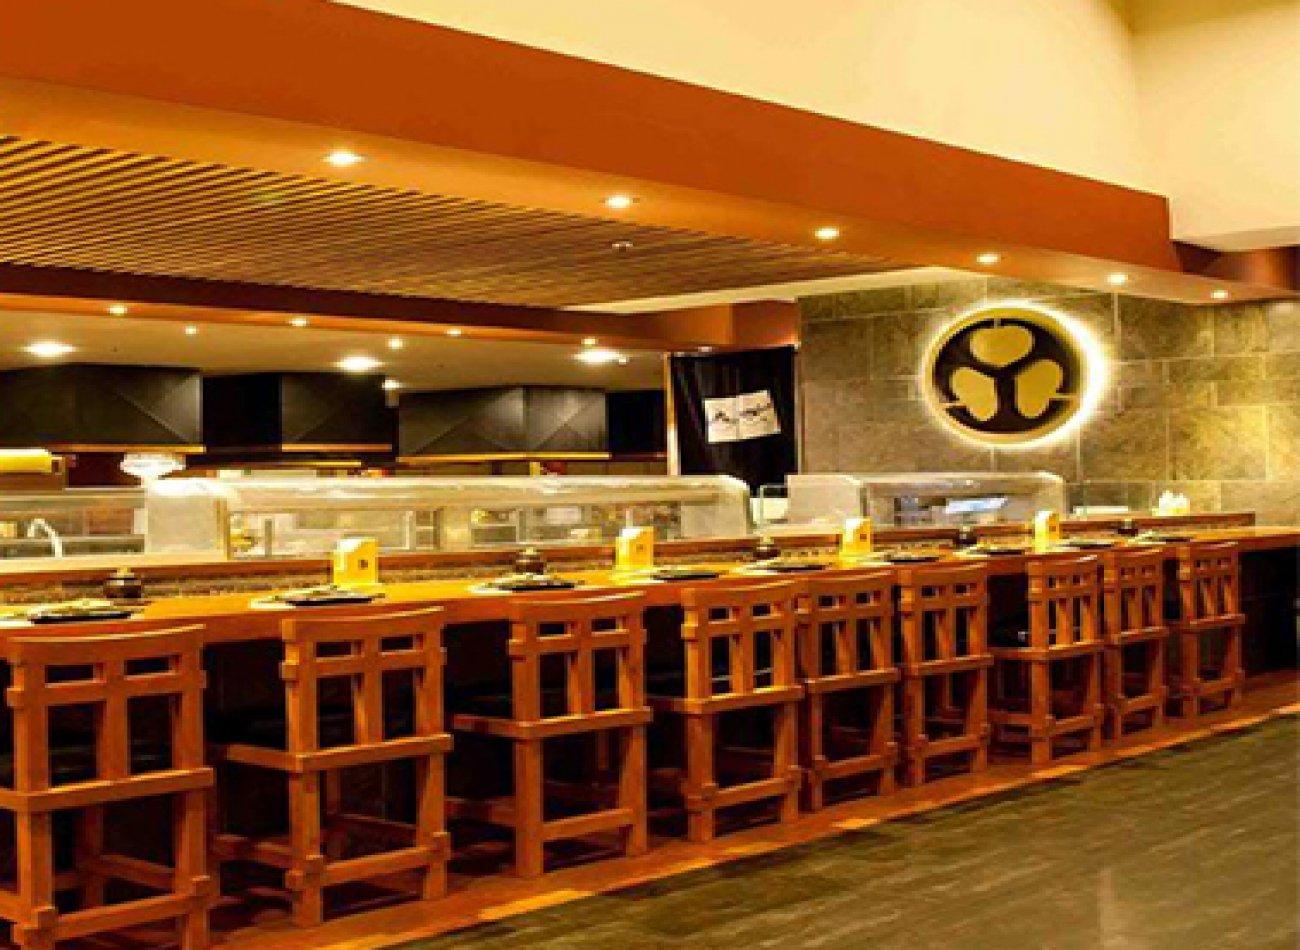 EDO SUSHI BAR - EL TRIGAL SURCO Restaurante - Reserva en restaurantes de Comida DE AUTOR - SANTIAGO DE SURCO - MESA 24/7 | LIMA - Perú